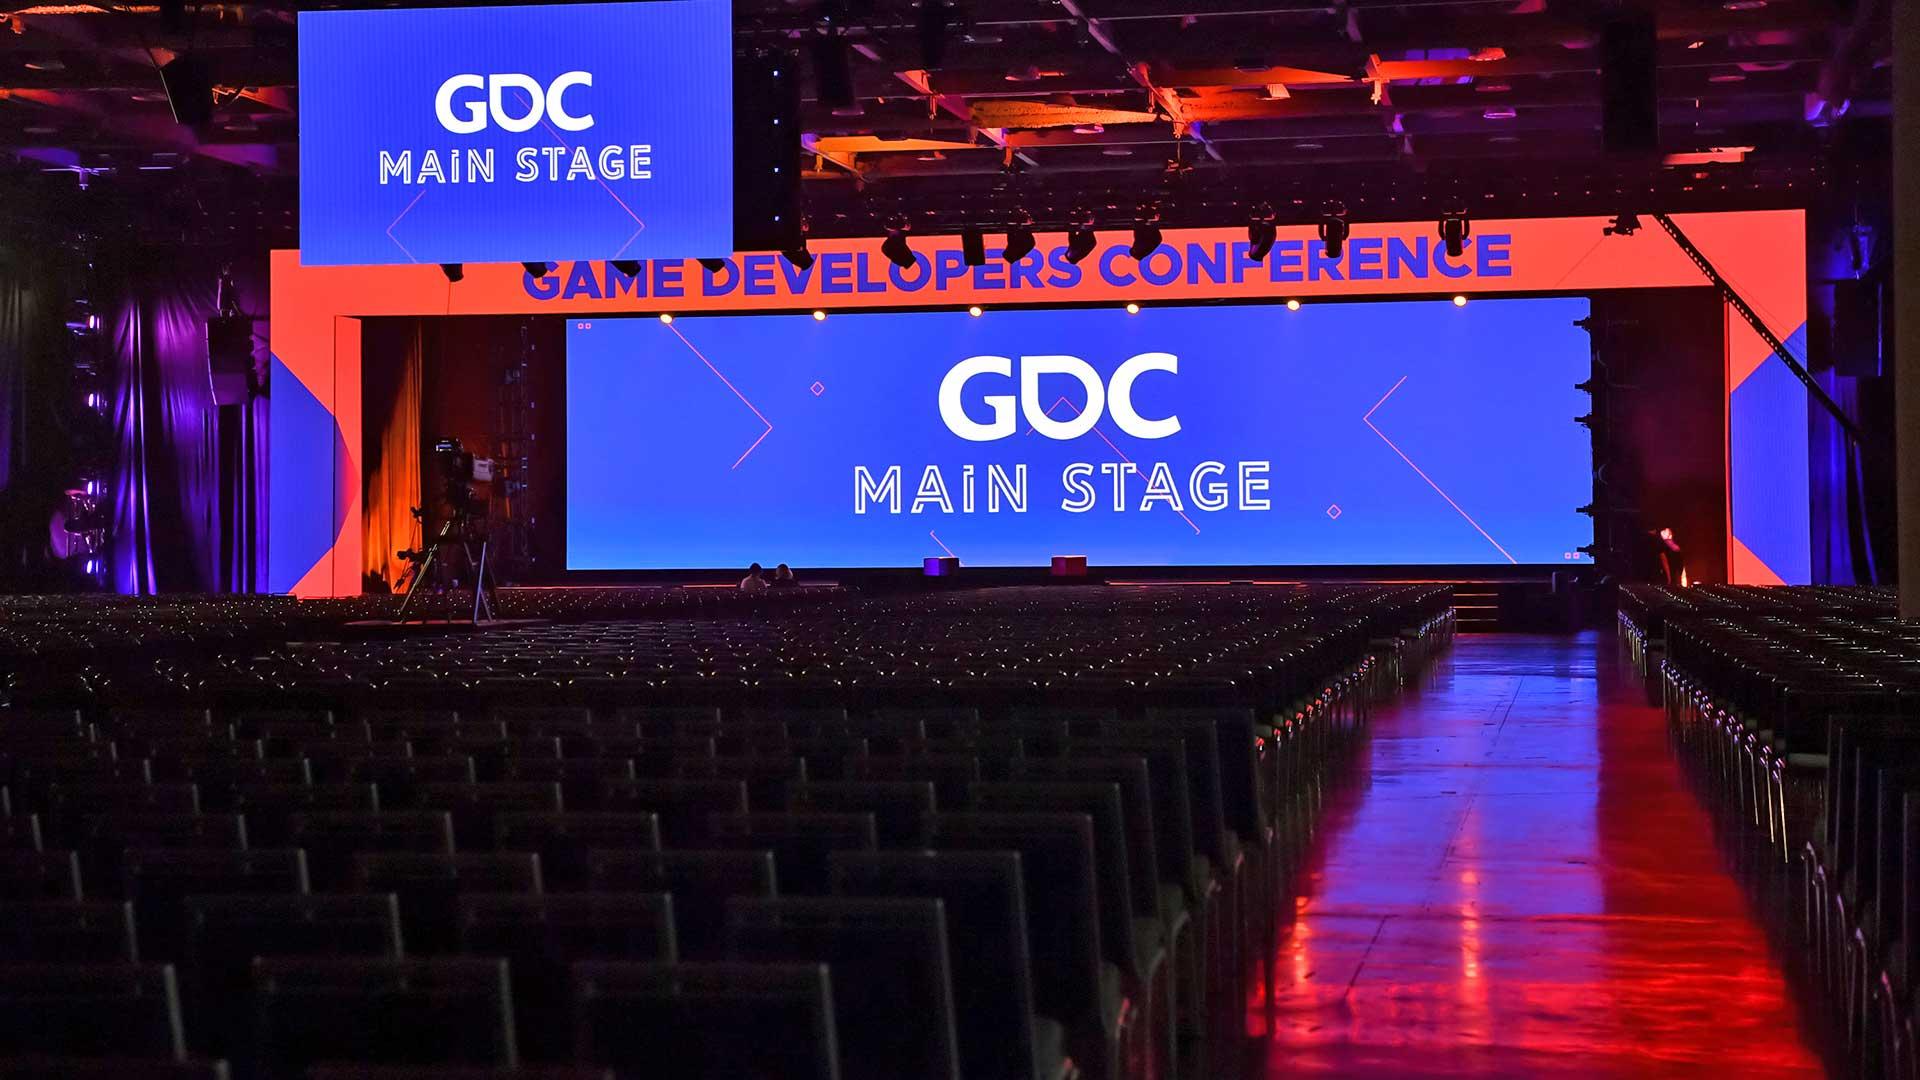 تعطیلی رویداد GDC 2020 به دلیل ویروس کرونا